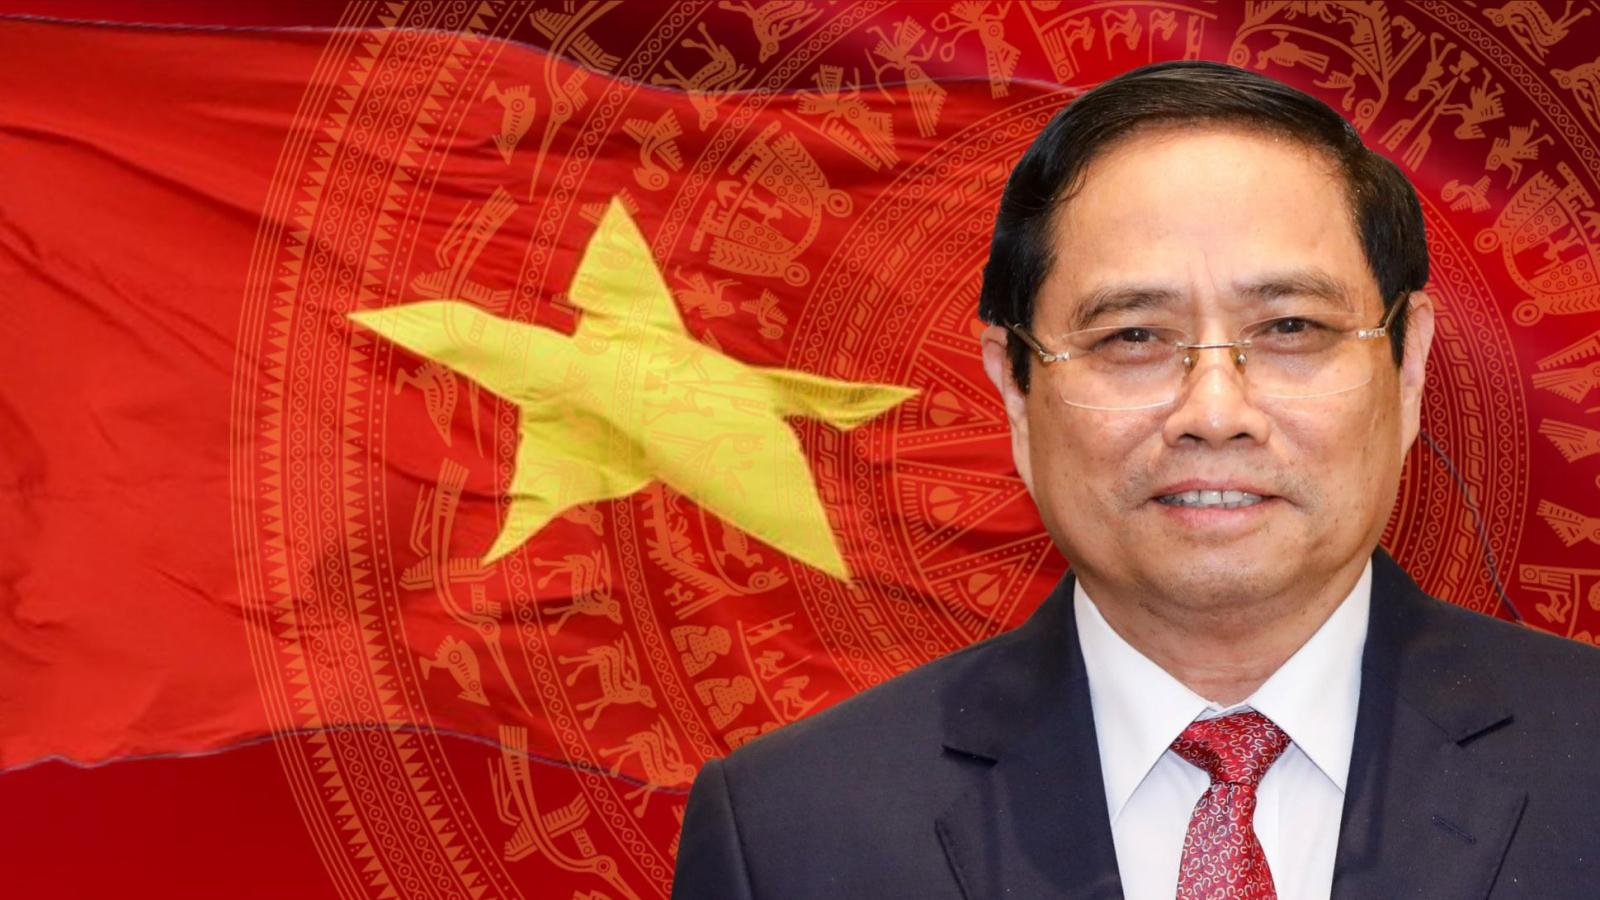 Tóm tắt tiểu sử Thủ tướng Phạm Minh Chính